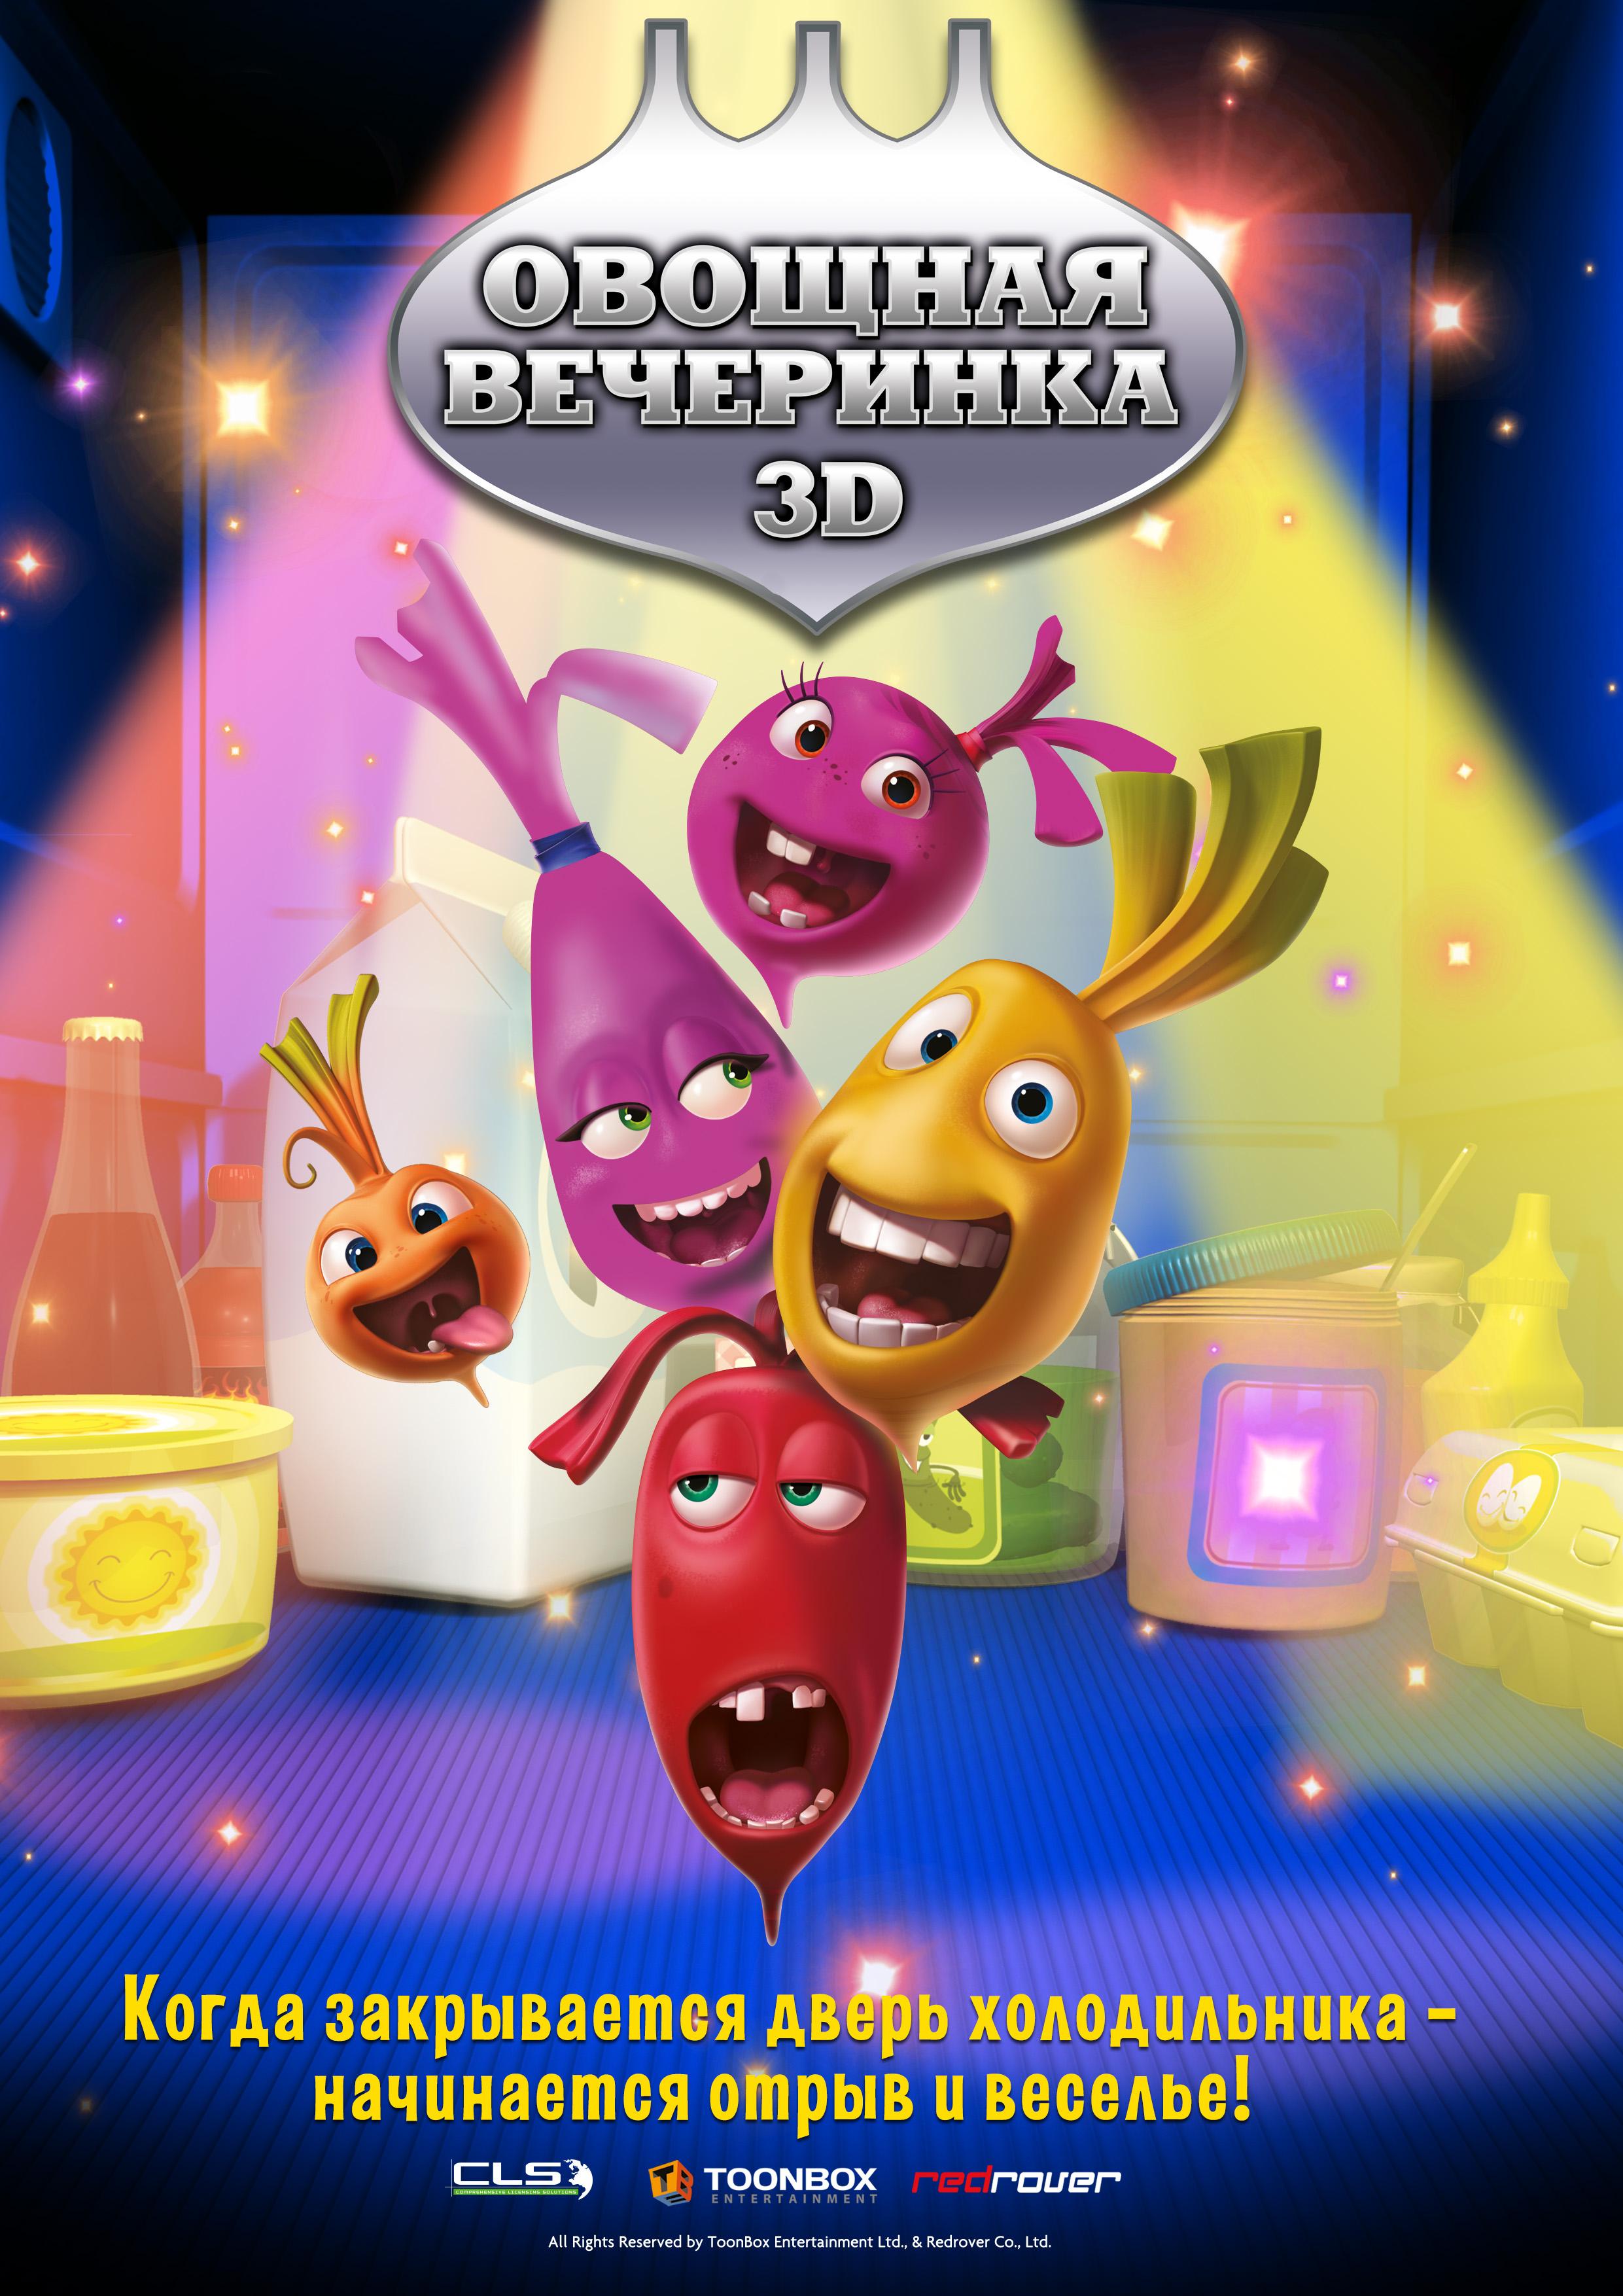 Овощная вечеринка - смотреть онлайн мультфильм